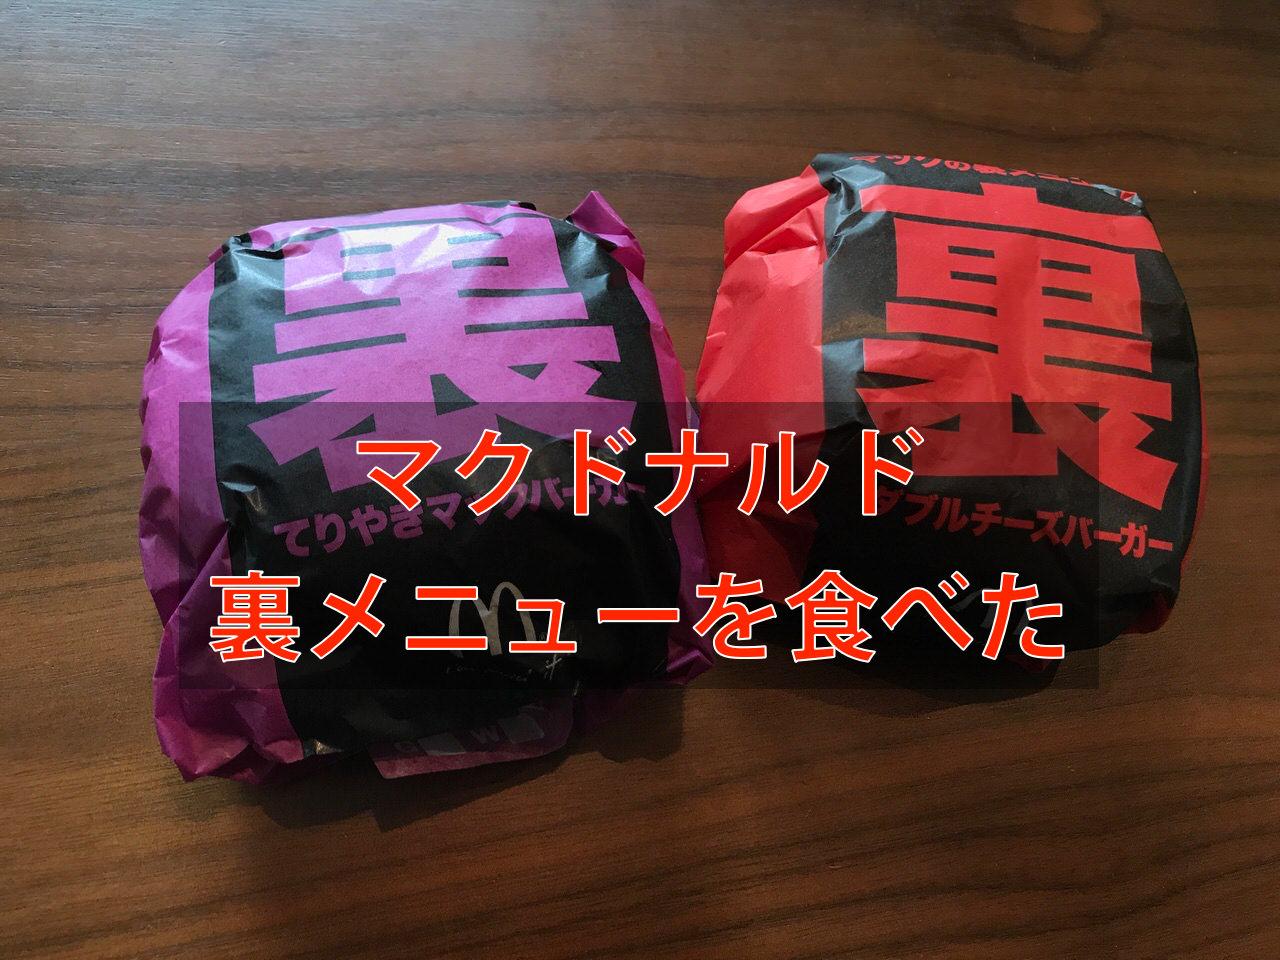 【裏メニュー】「裏てりやきマックバーガー」「裏ダブルチーズバーガー」を食べた!